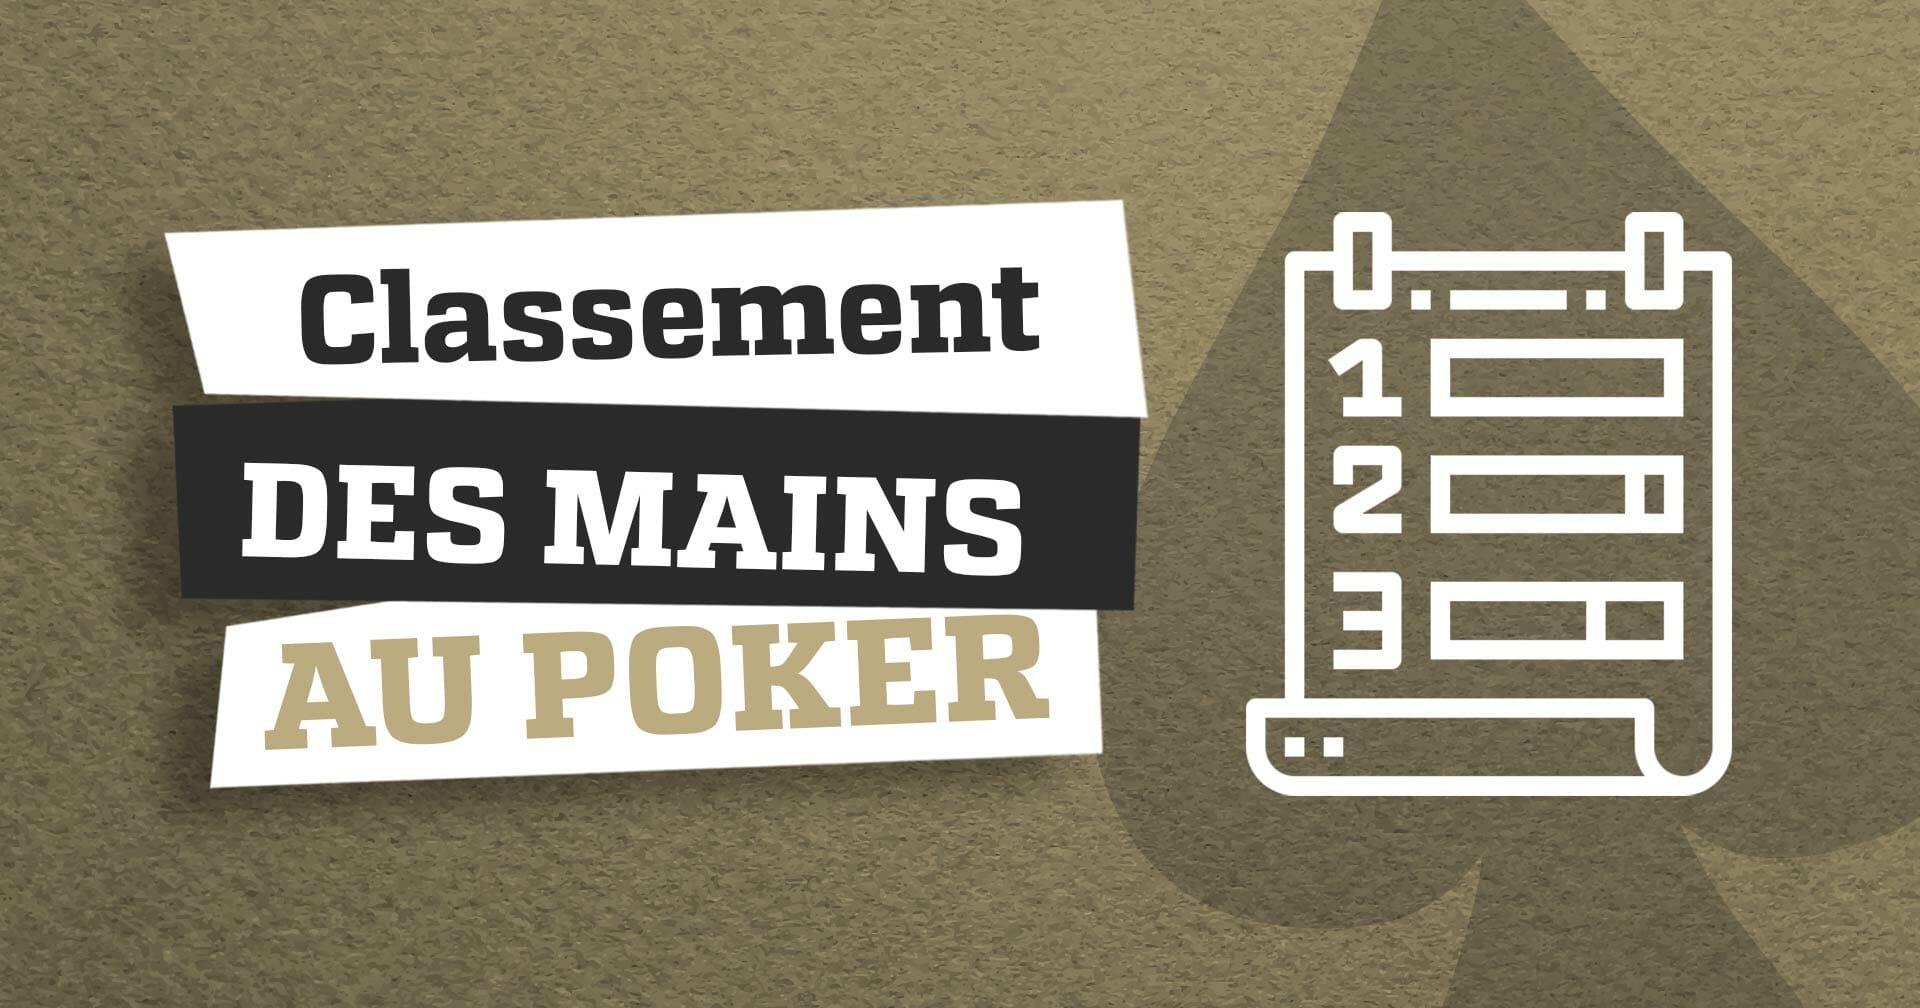 classement mains poker